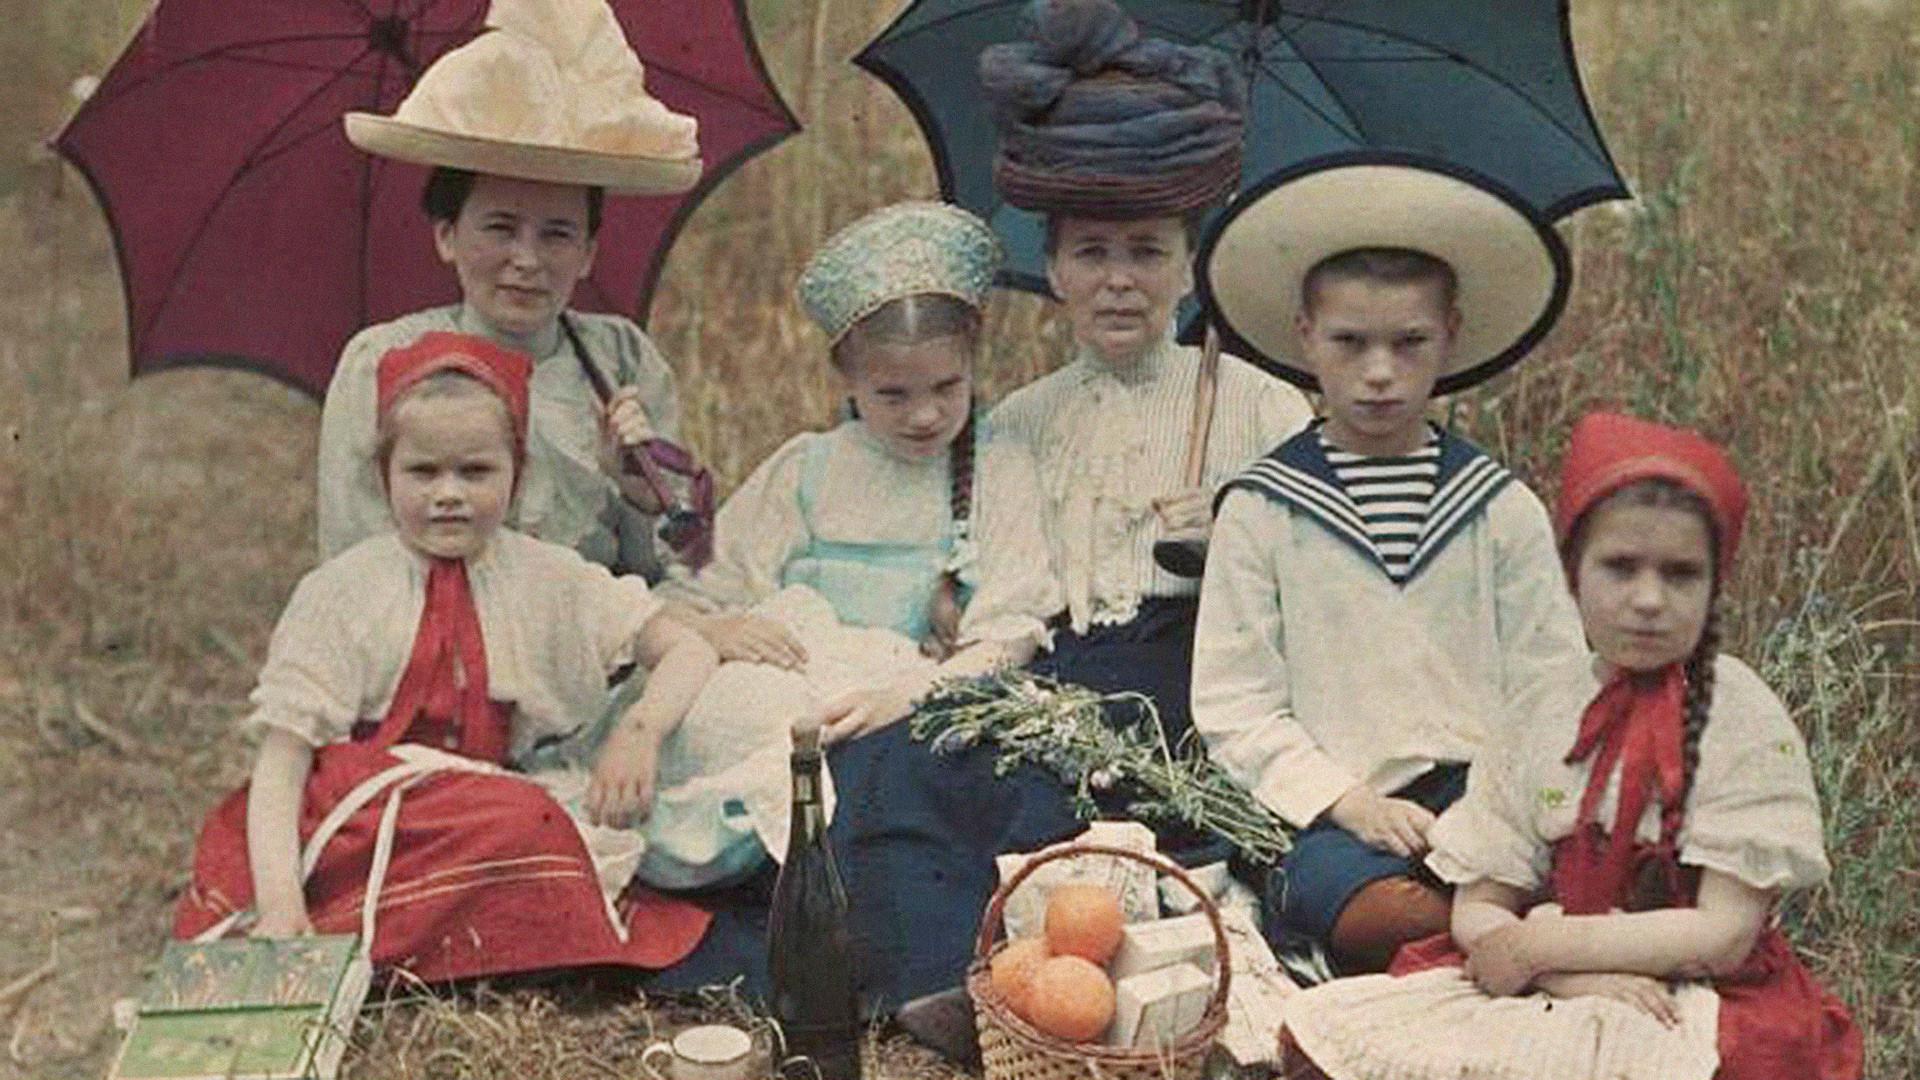 Djeca u Jalti, 1910